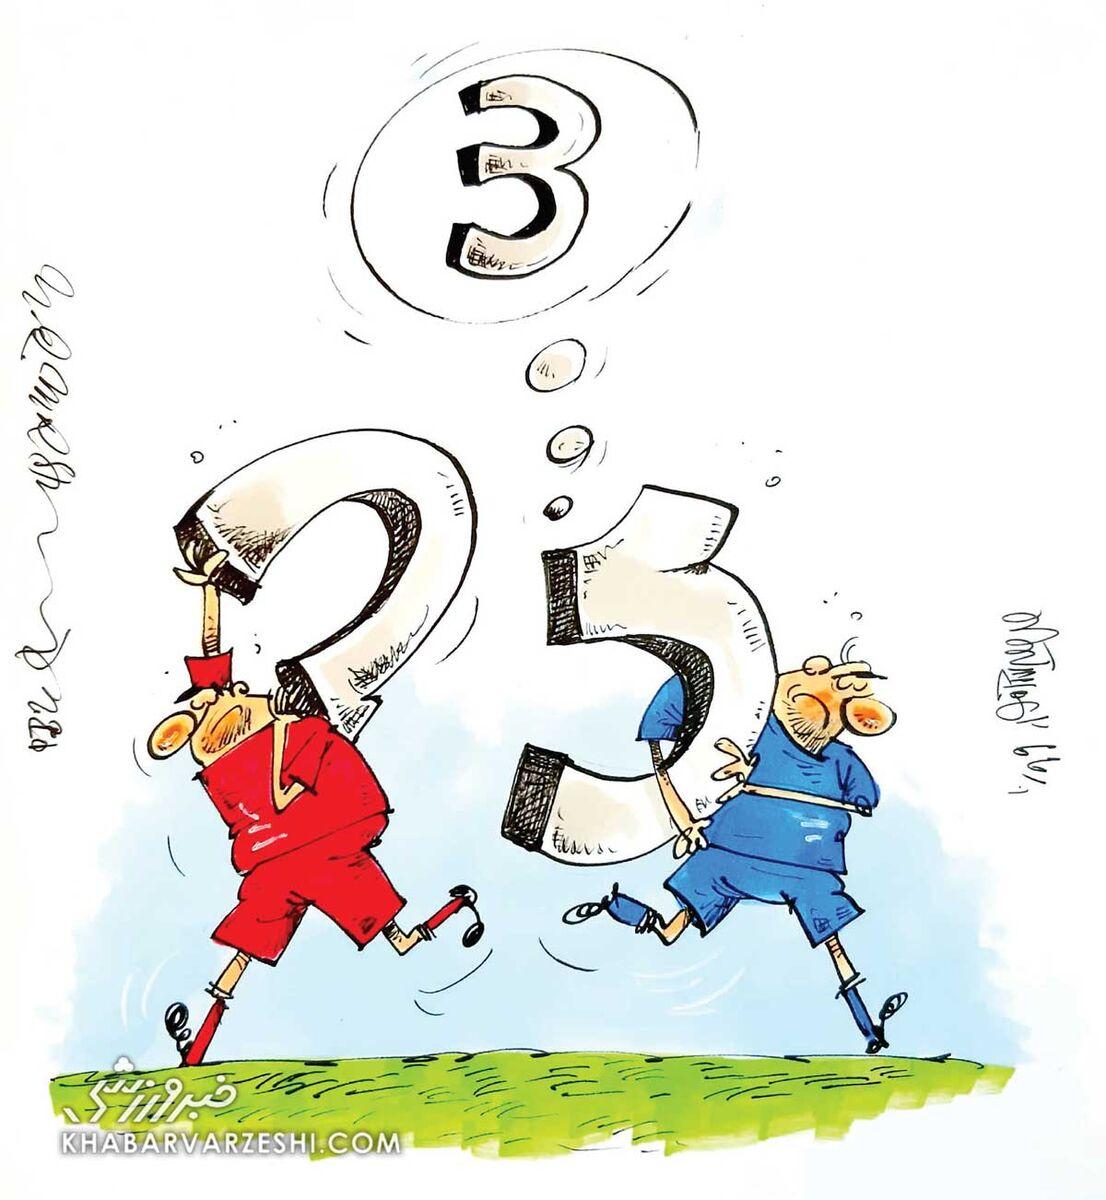 کارتون محمدرضا میرشاهولد درباره دربی ۹۴